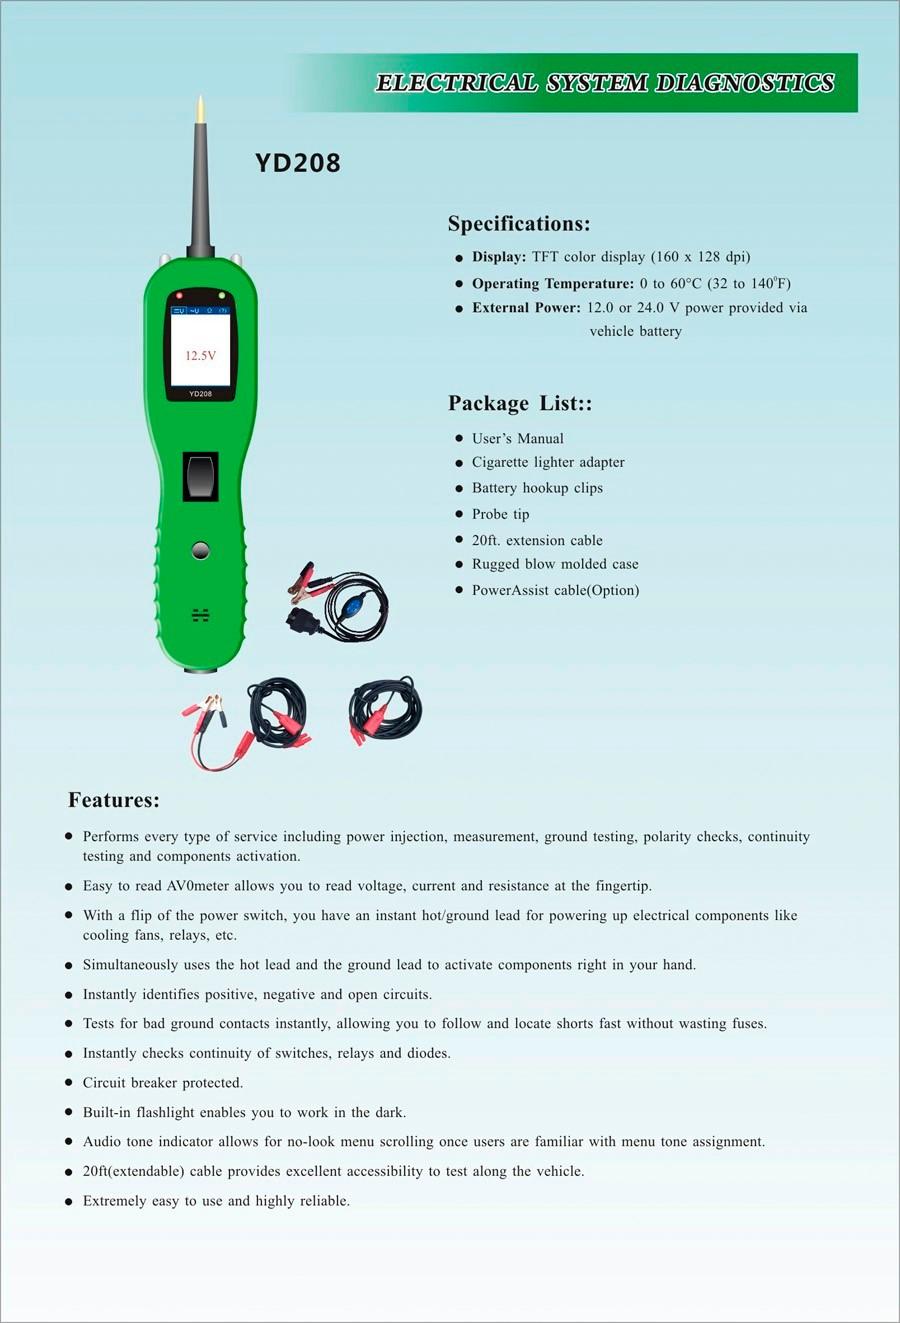 Купить Ю . д . 208 PowerScan YD208 цепи тестер электрическая система диагностический инструмент